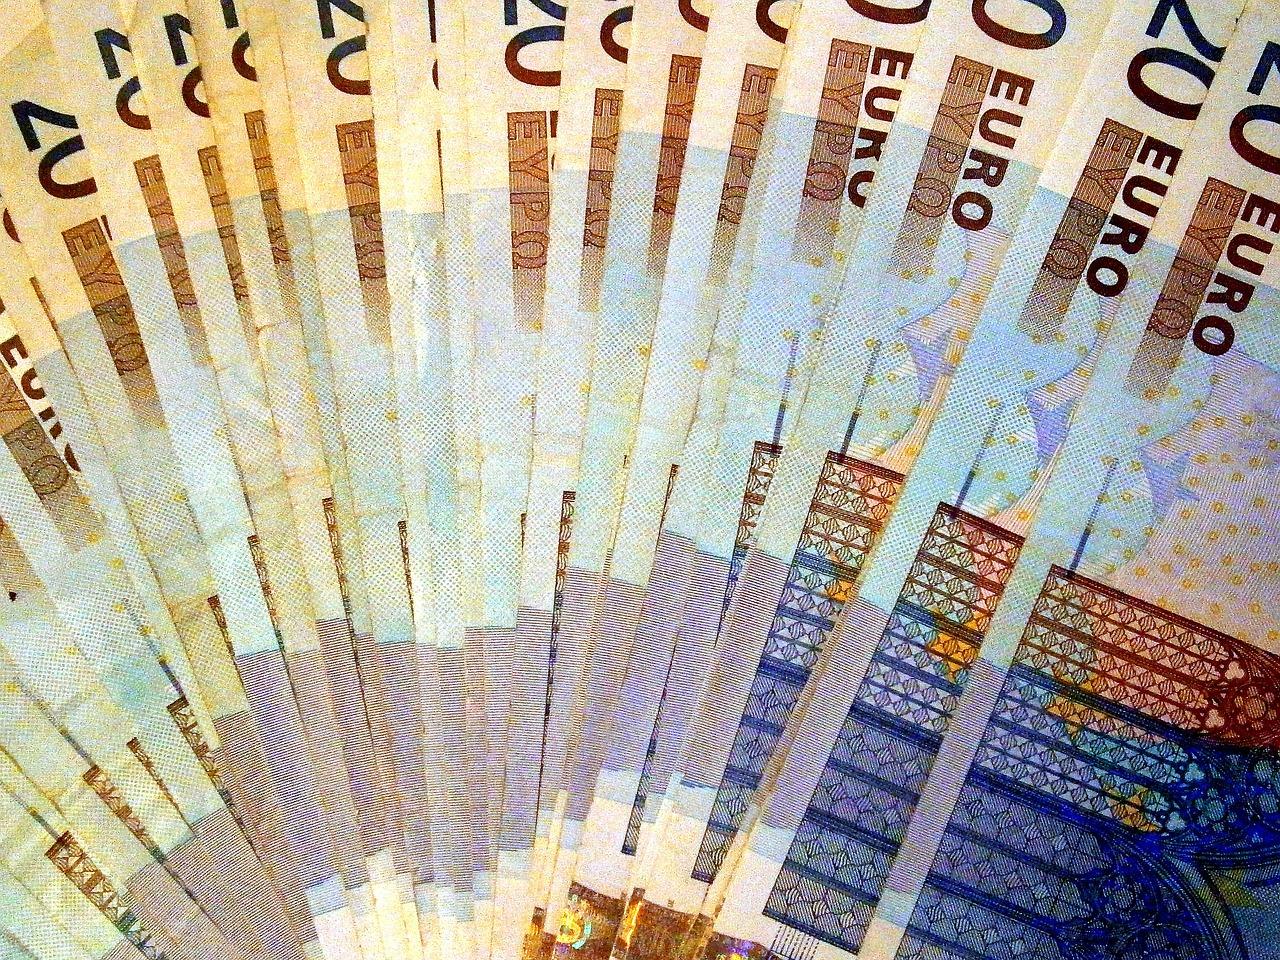 【ドル高】唯一の対抗馬はユーロ?今週の相場見通し&トレード戦略まとめ【5月21〜25日】